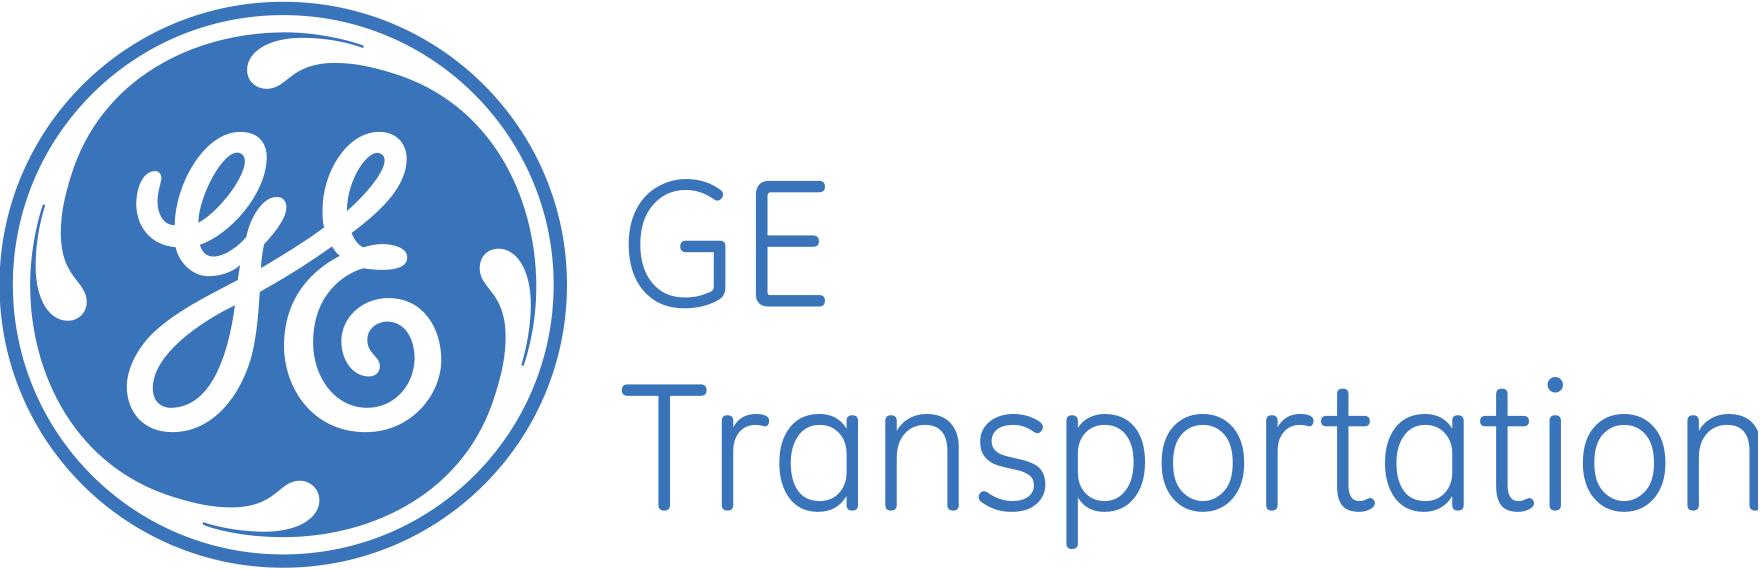 GE_TRansportation_Logo.png